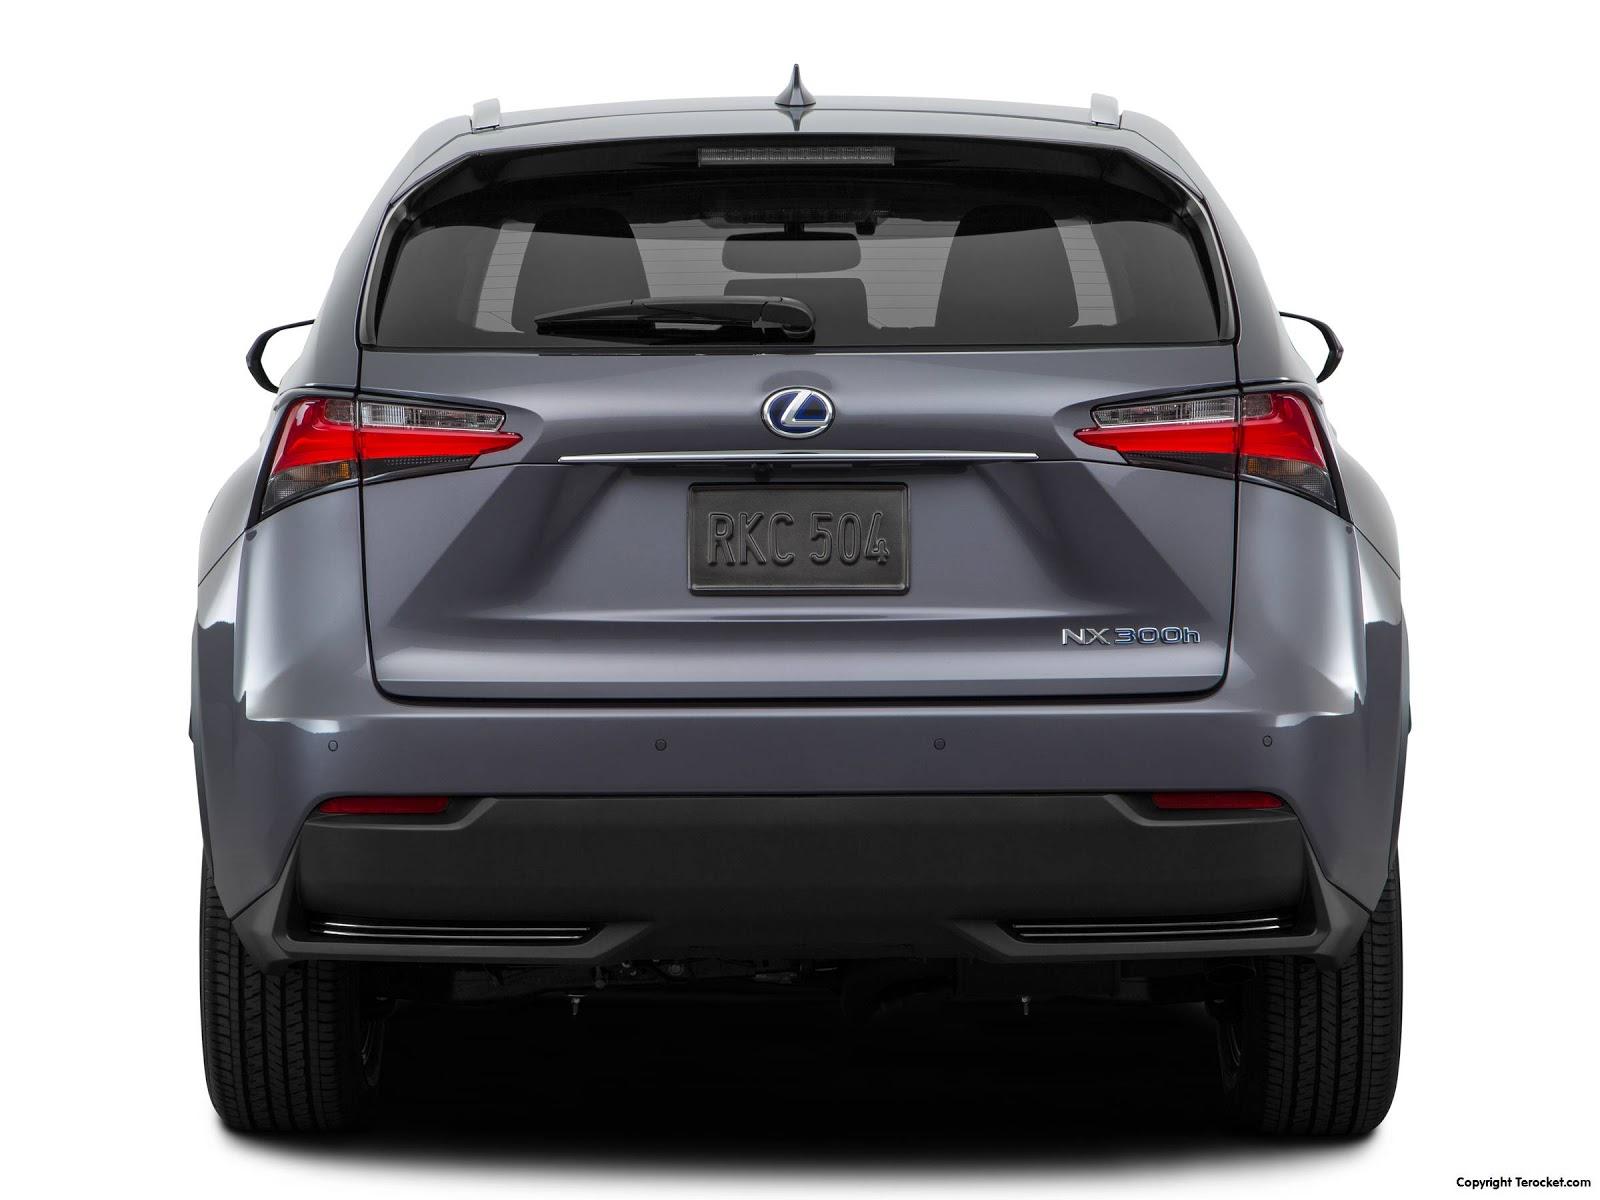 """Phía sau có ký hiệu NX300h, chữ """"h"""" ở đây có nghĩa là Hybrid"""